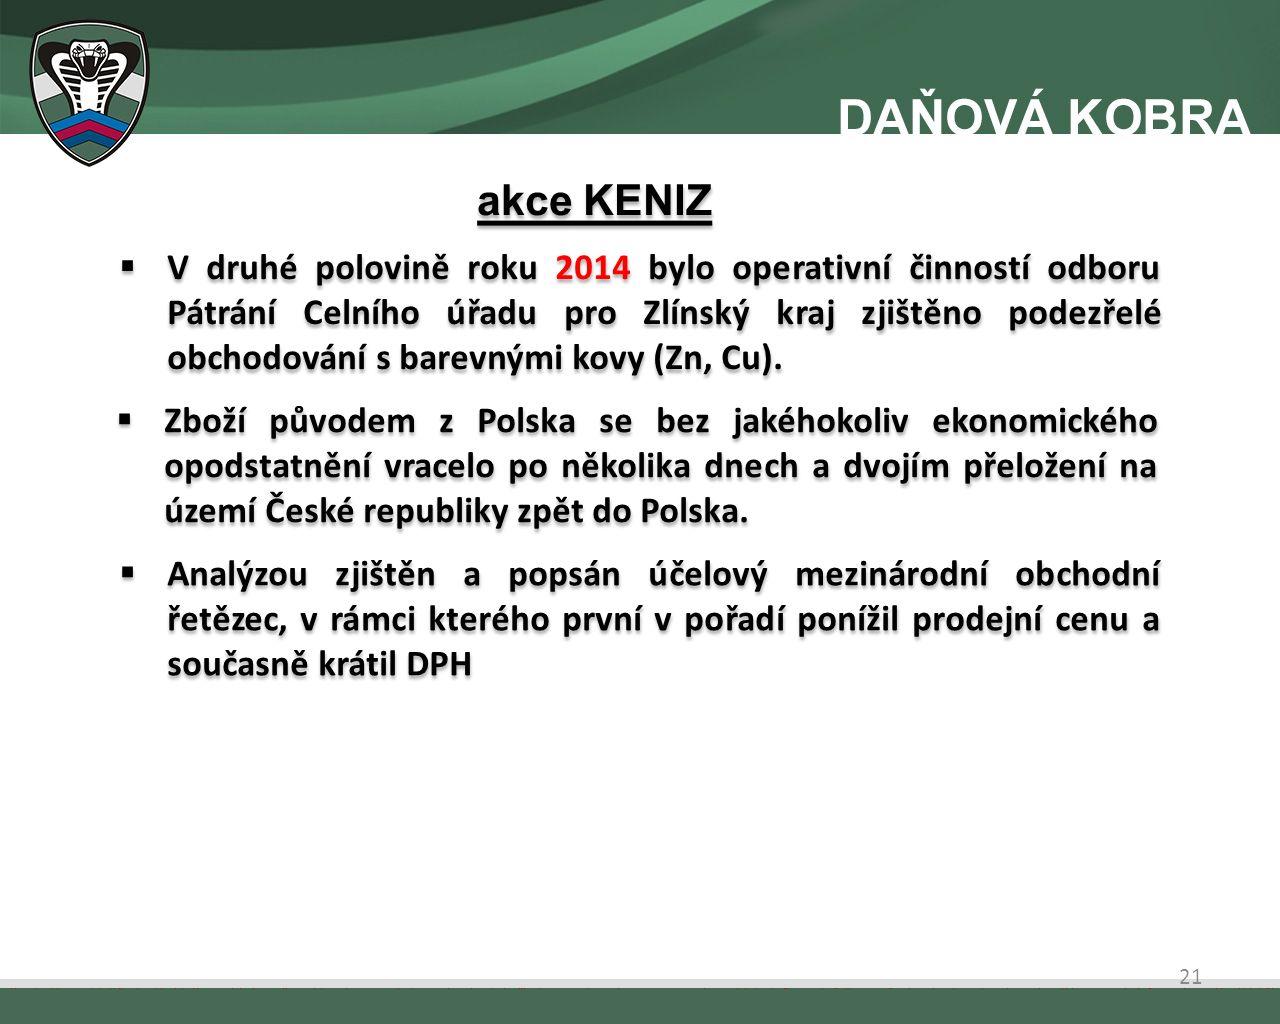  V druhé polovině roku 2014 bylo operativní činností odboru Pátrání Celního úřadu pro Zlínský kraj zjištěno podezřelé obchodování s barevnými kovy (Zn, Cu).